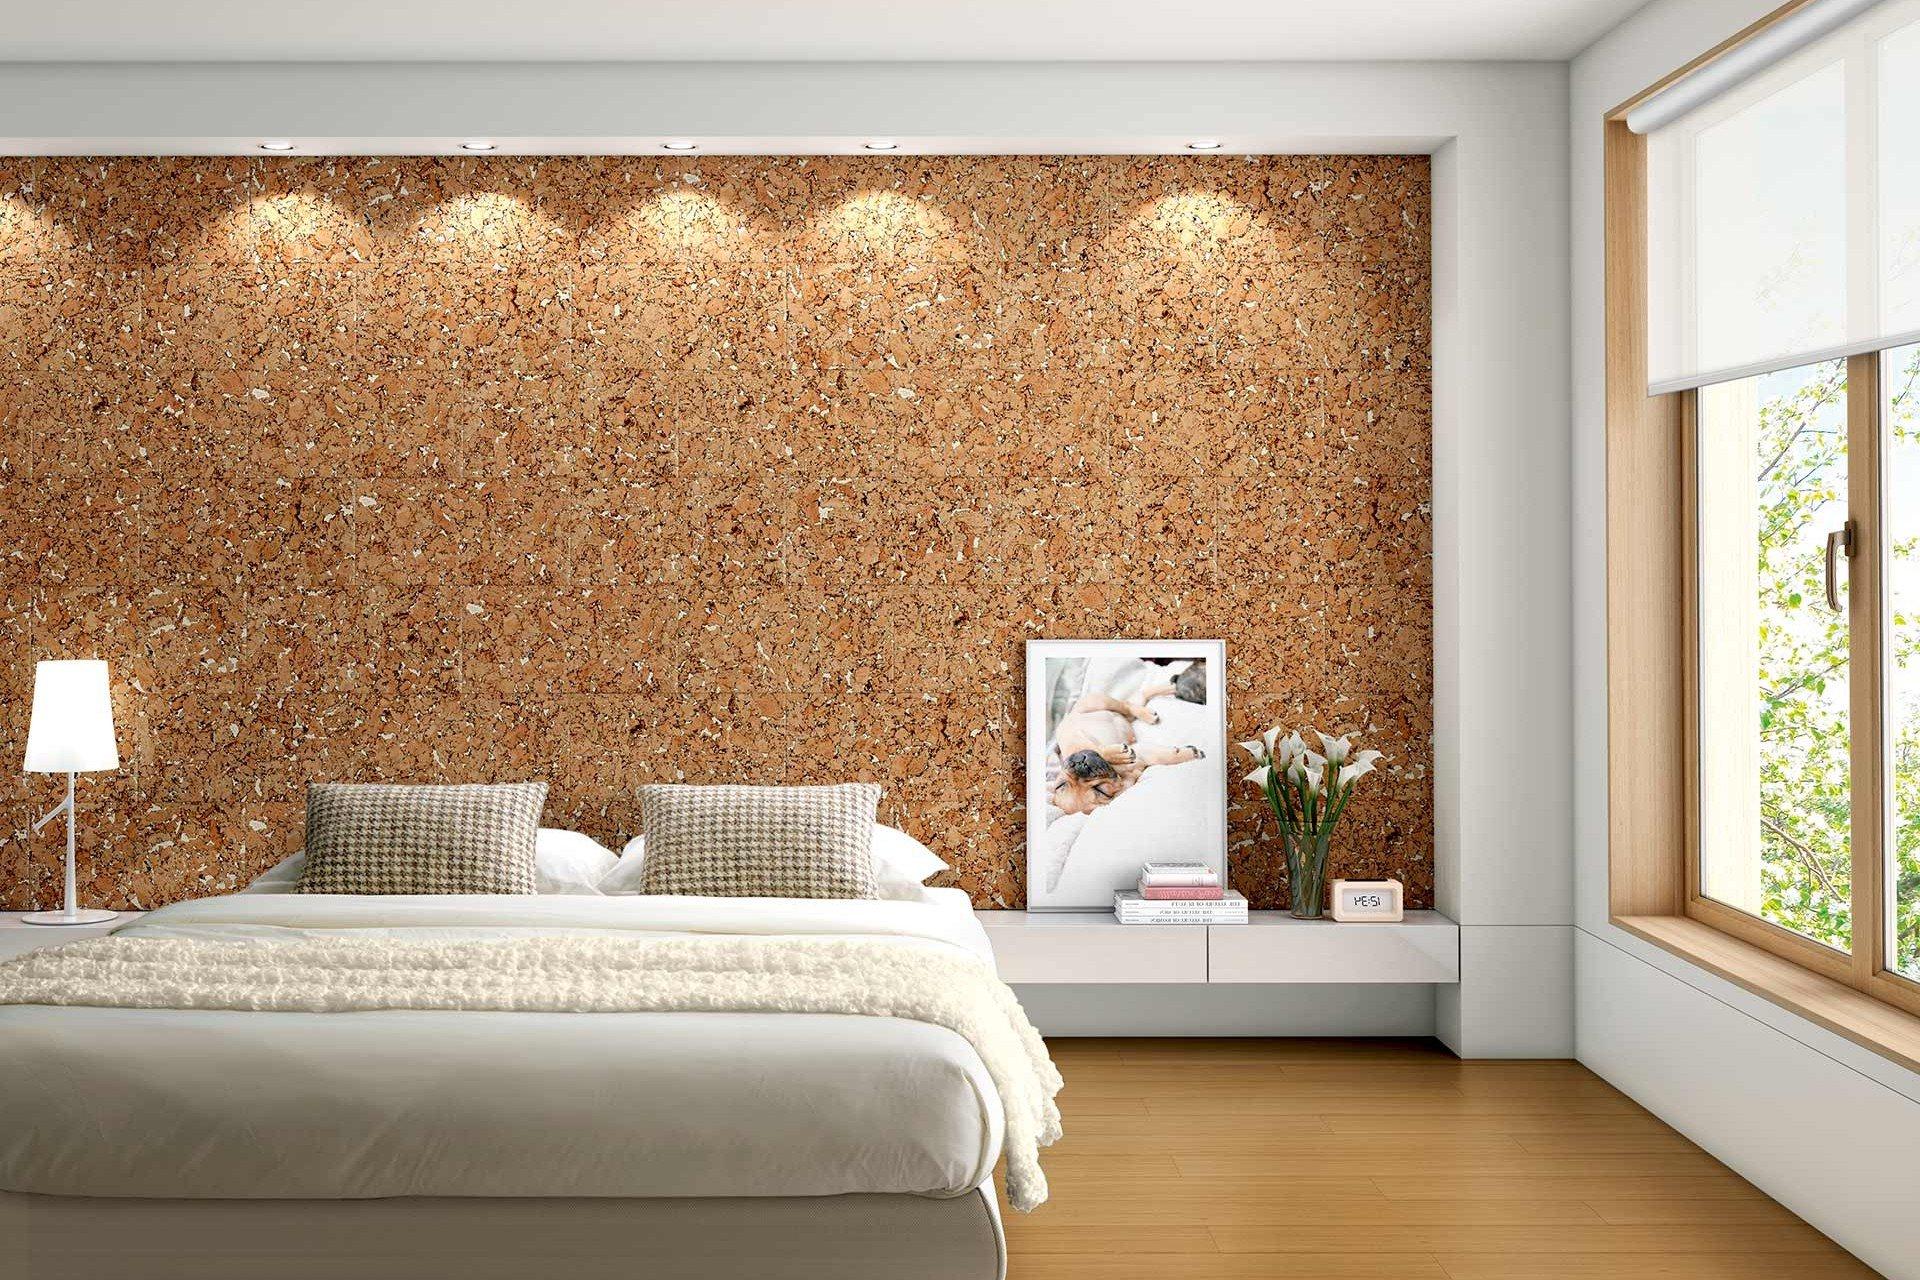 Пробковые обои в интерьере (19 фото): экологичное украшение комнаты